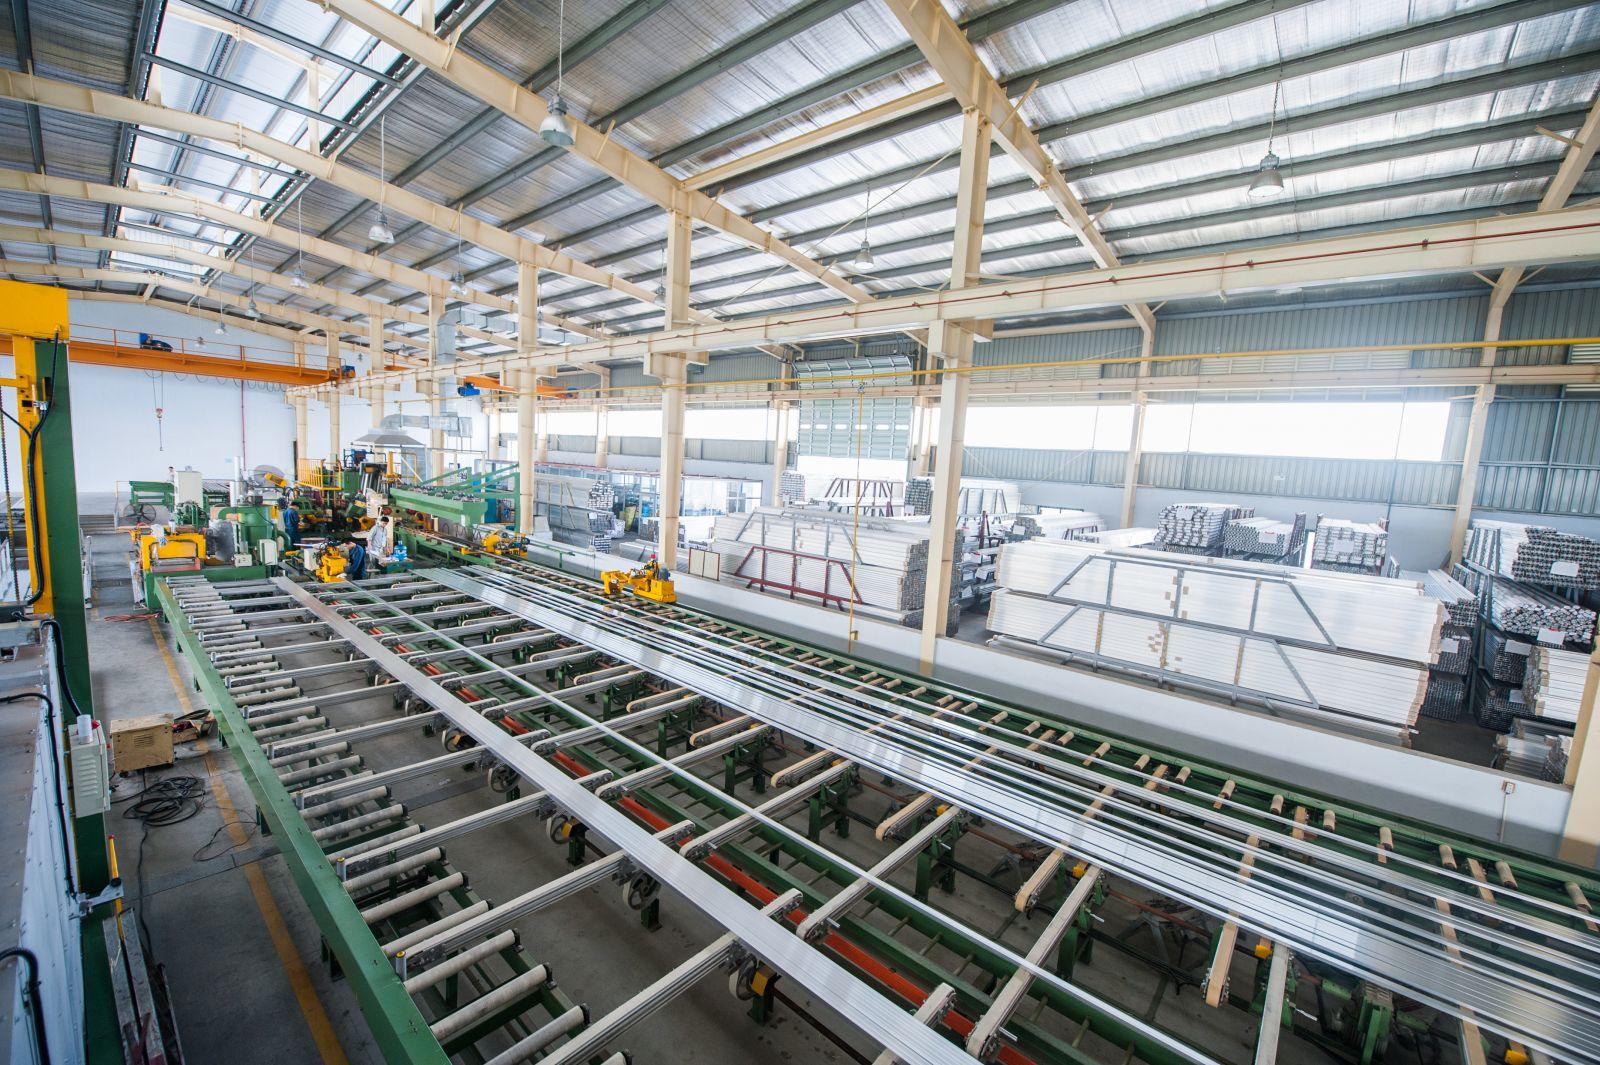 Nhà máy KIMSEN sở hữu công nghệ sản xuất mới, giúp sản xuất hiệu quả và bảo vệ môi trường